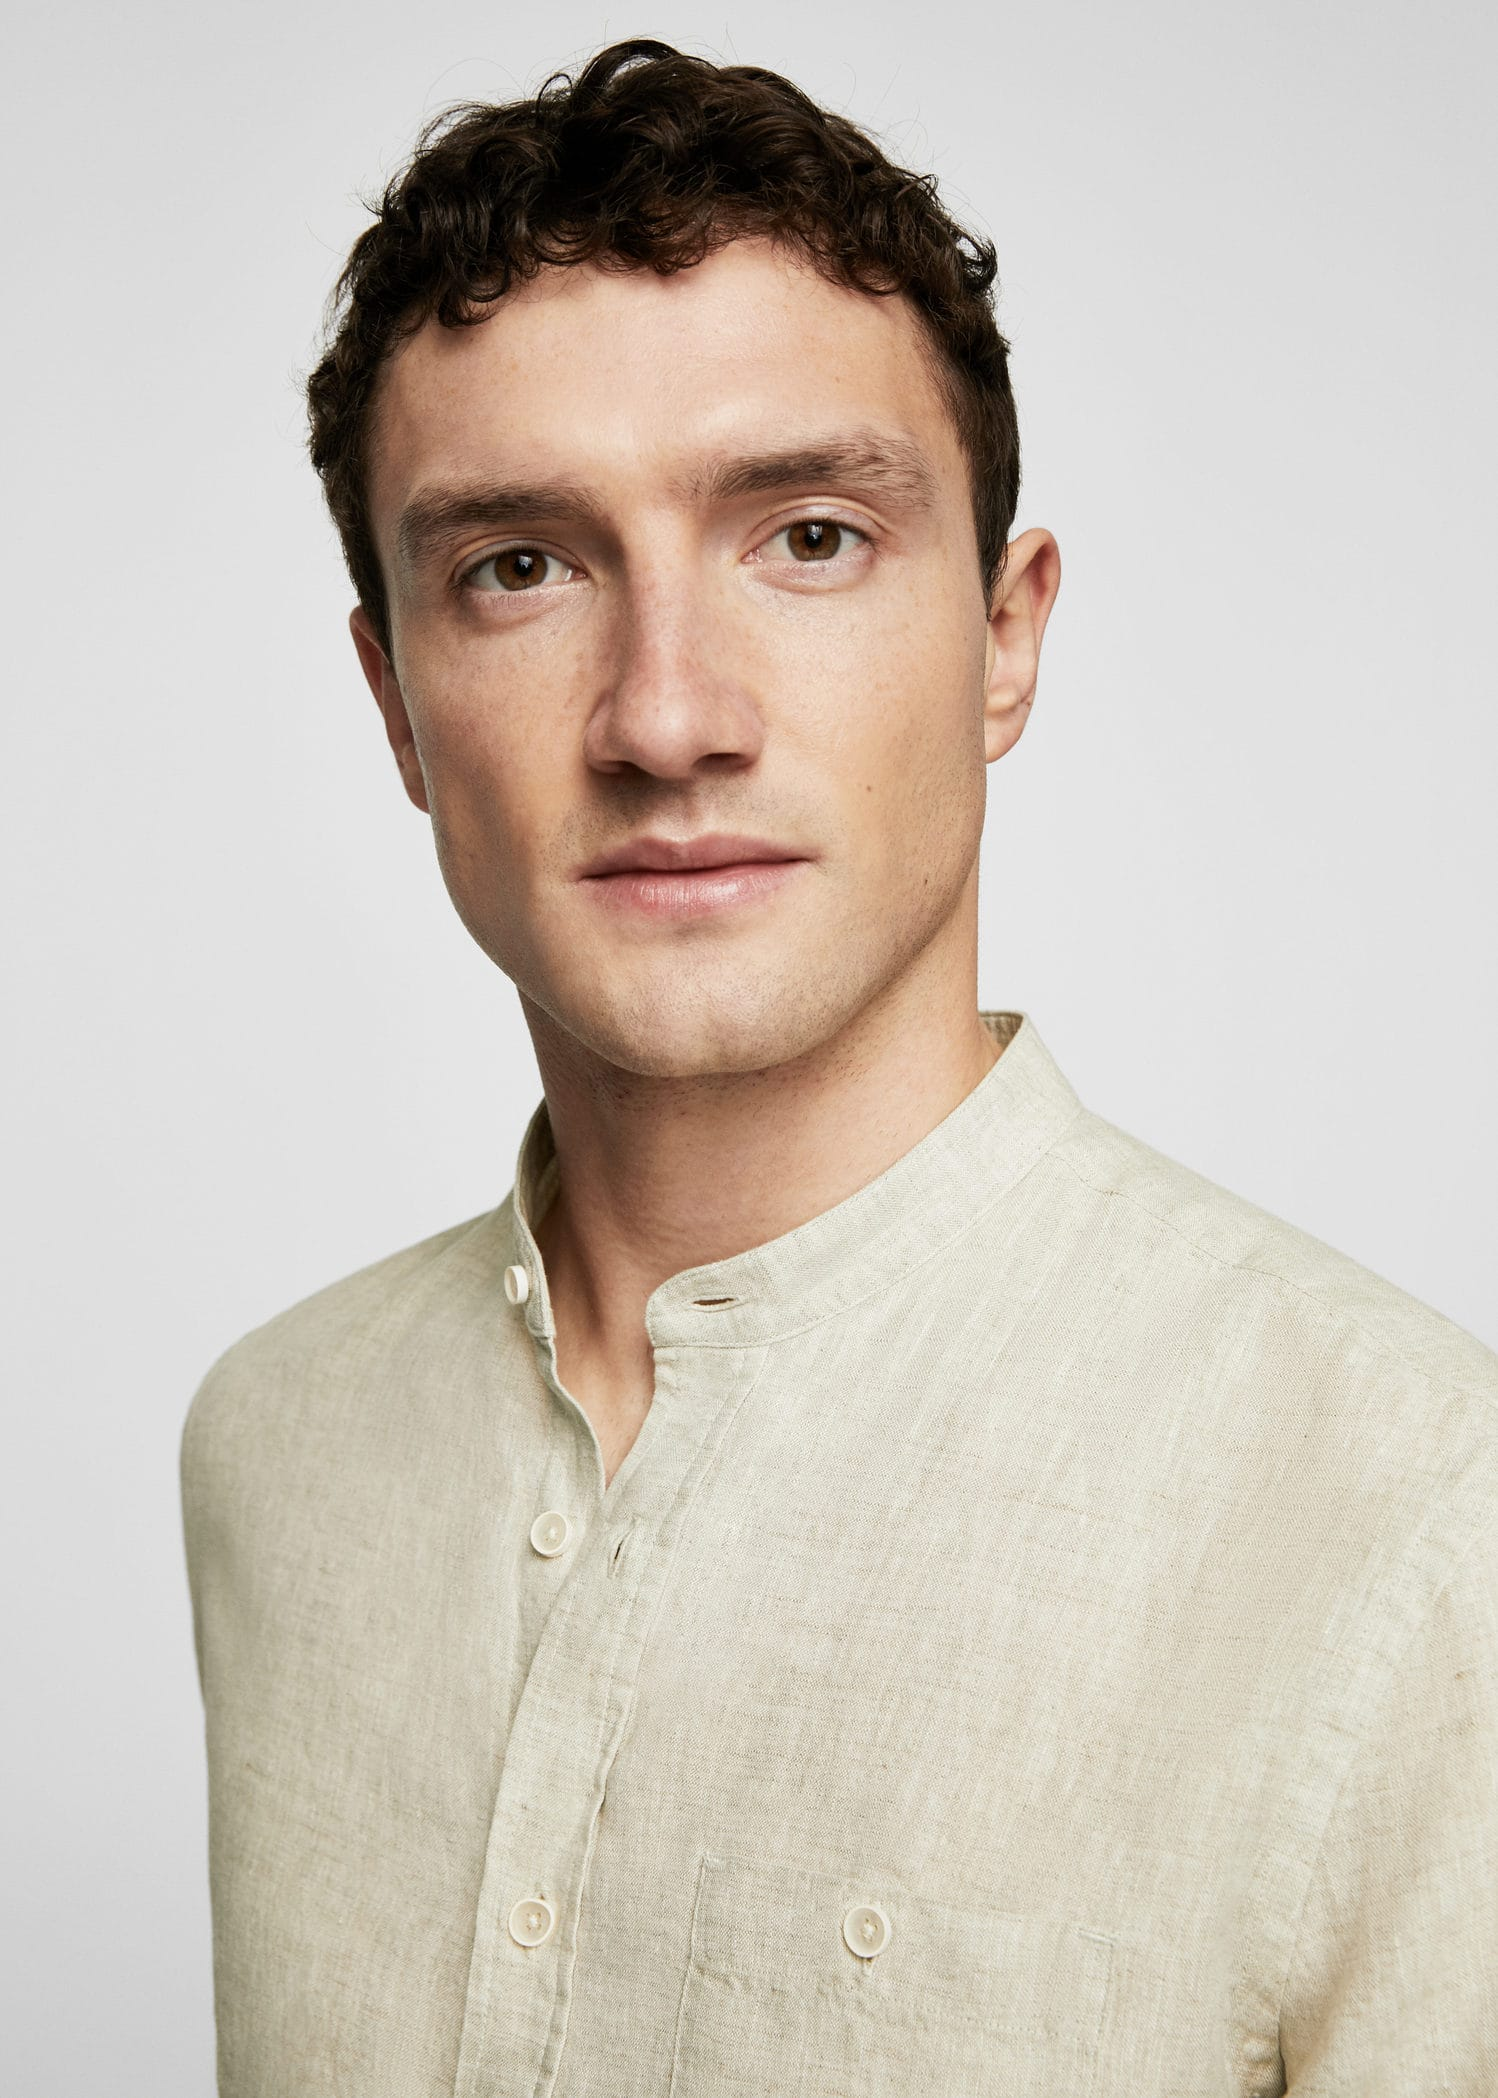 Hemd aus 100 % leinen mit mao kragen Herren | OUTLET Deutschland